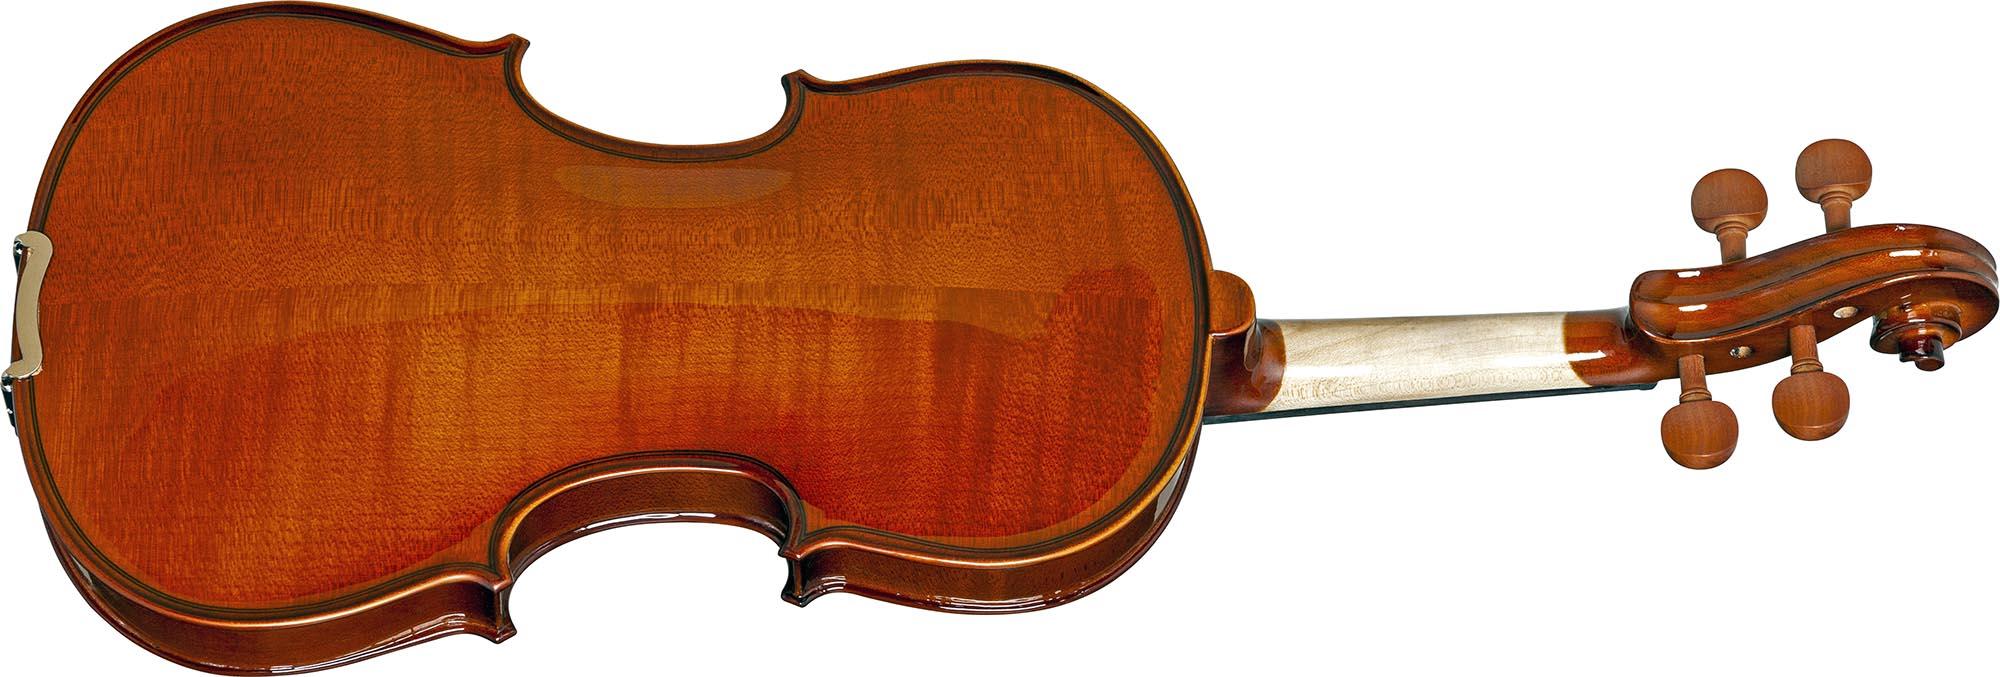 ve431 violino eagle ve431 visao posterior